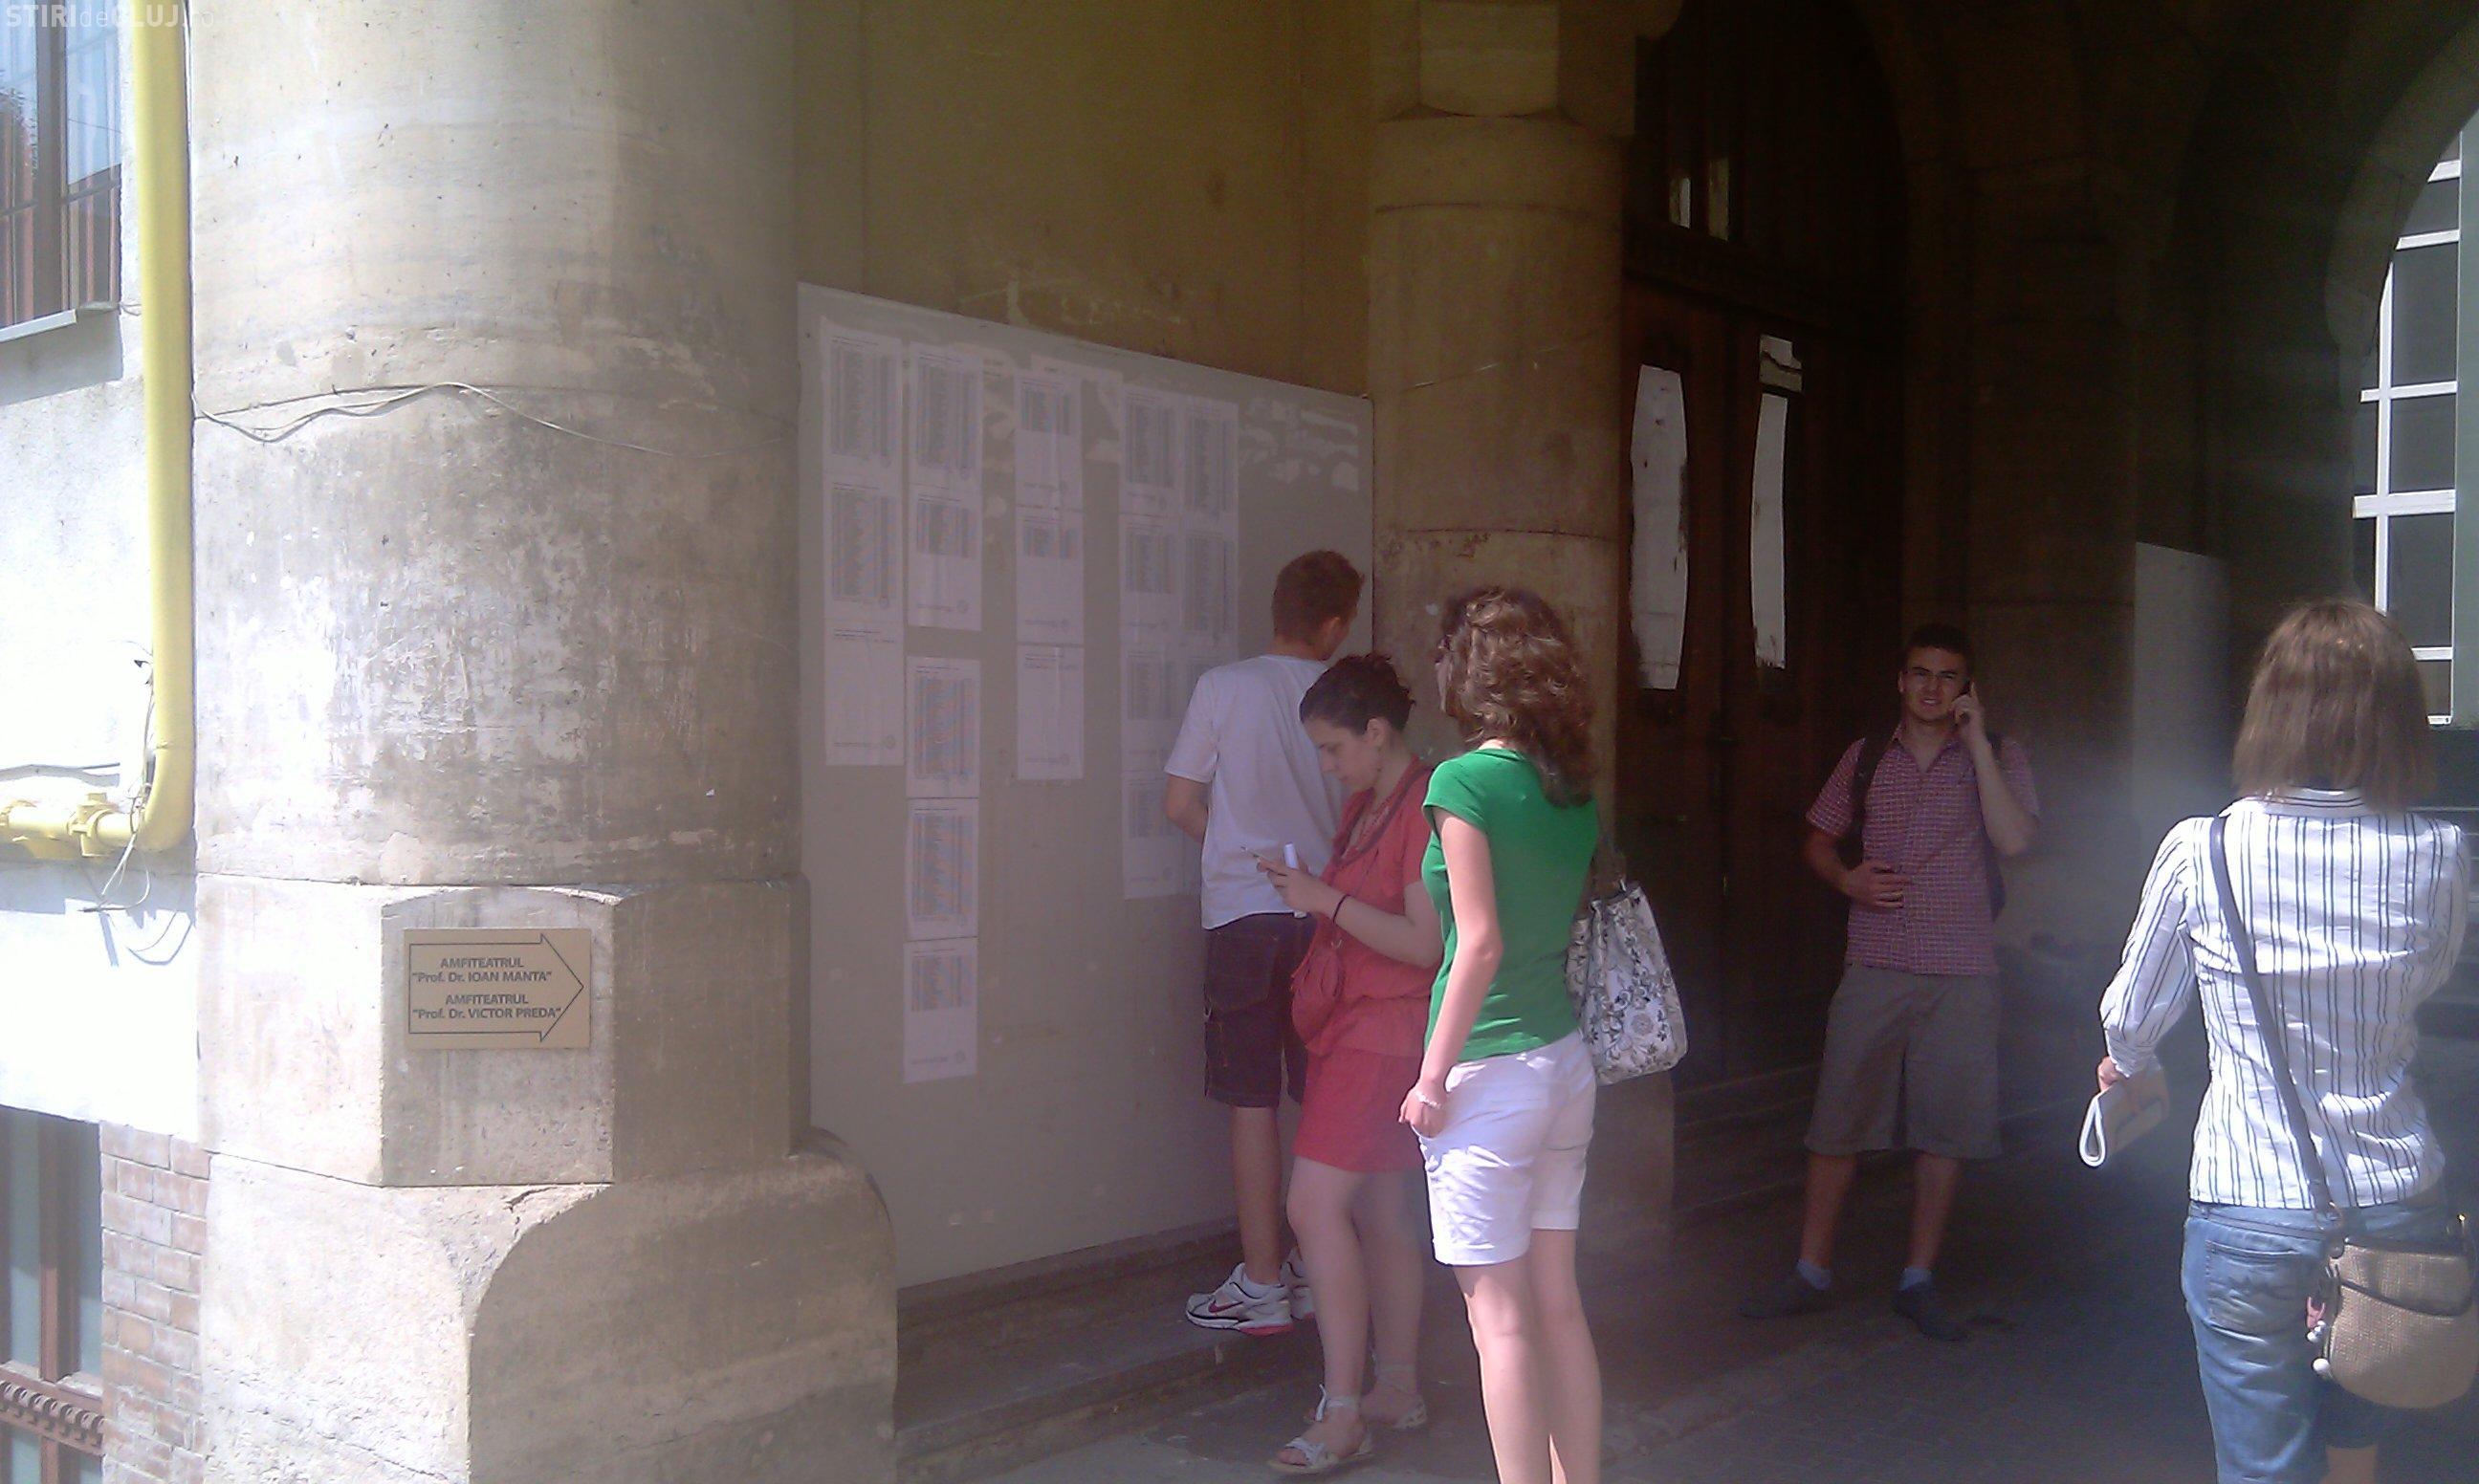 REZULTATE ADMITERE UMF Cluj 2013: Cu ce note s-a intrat